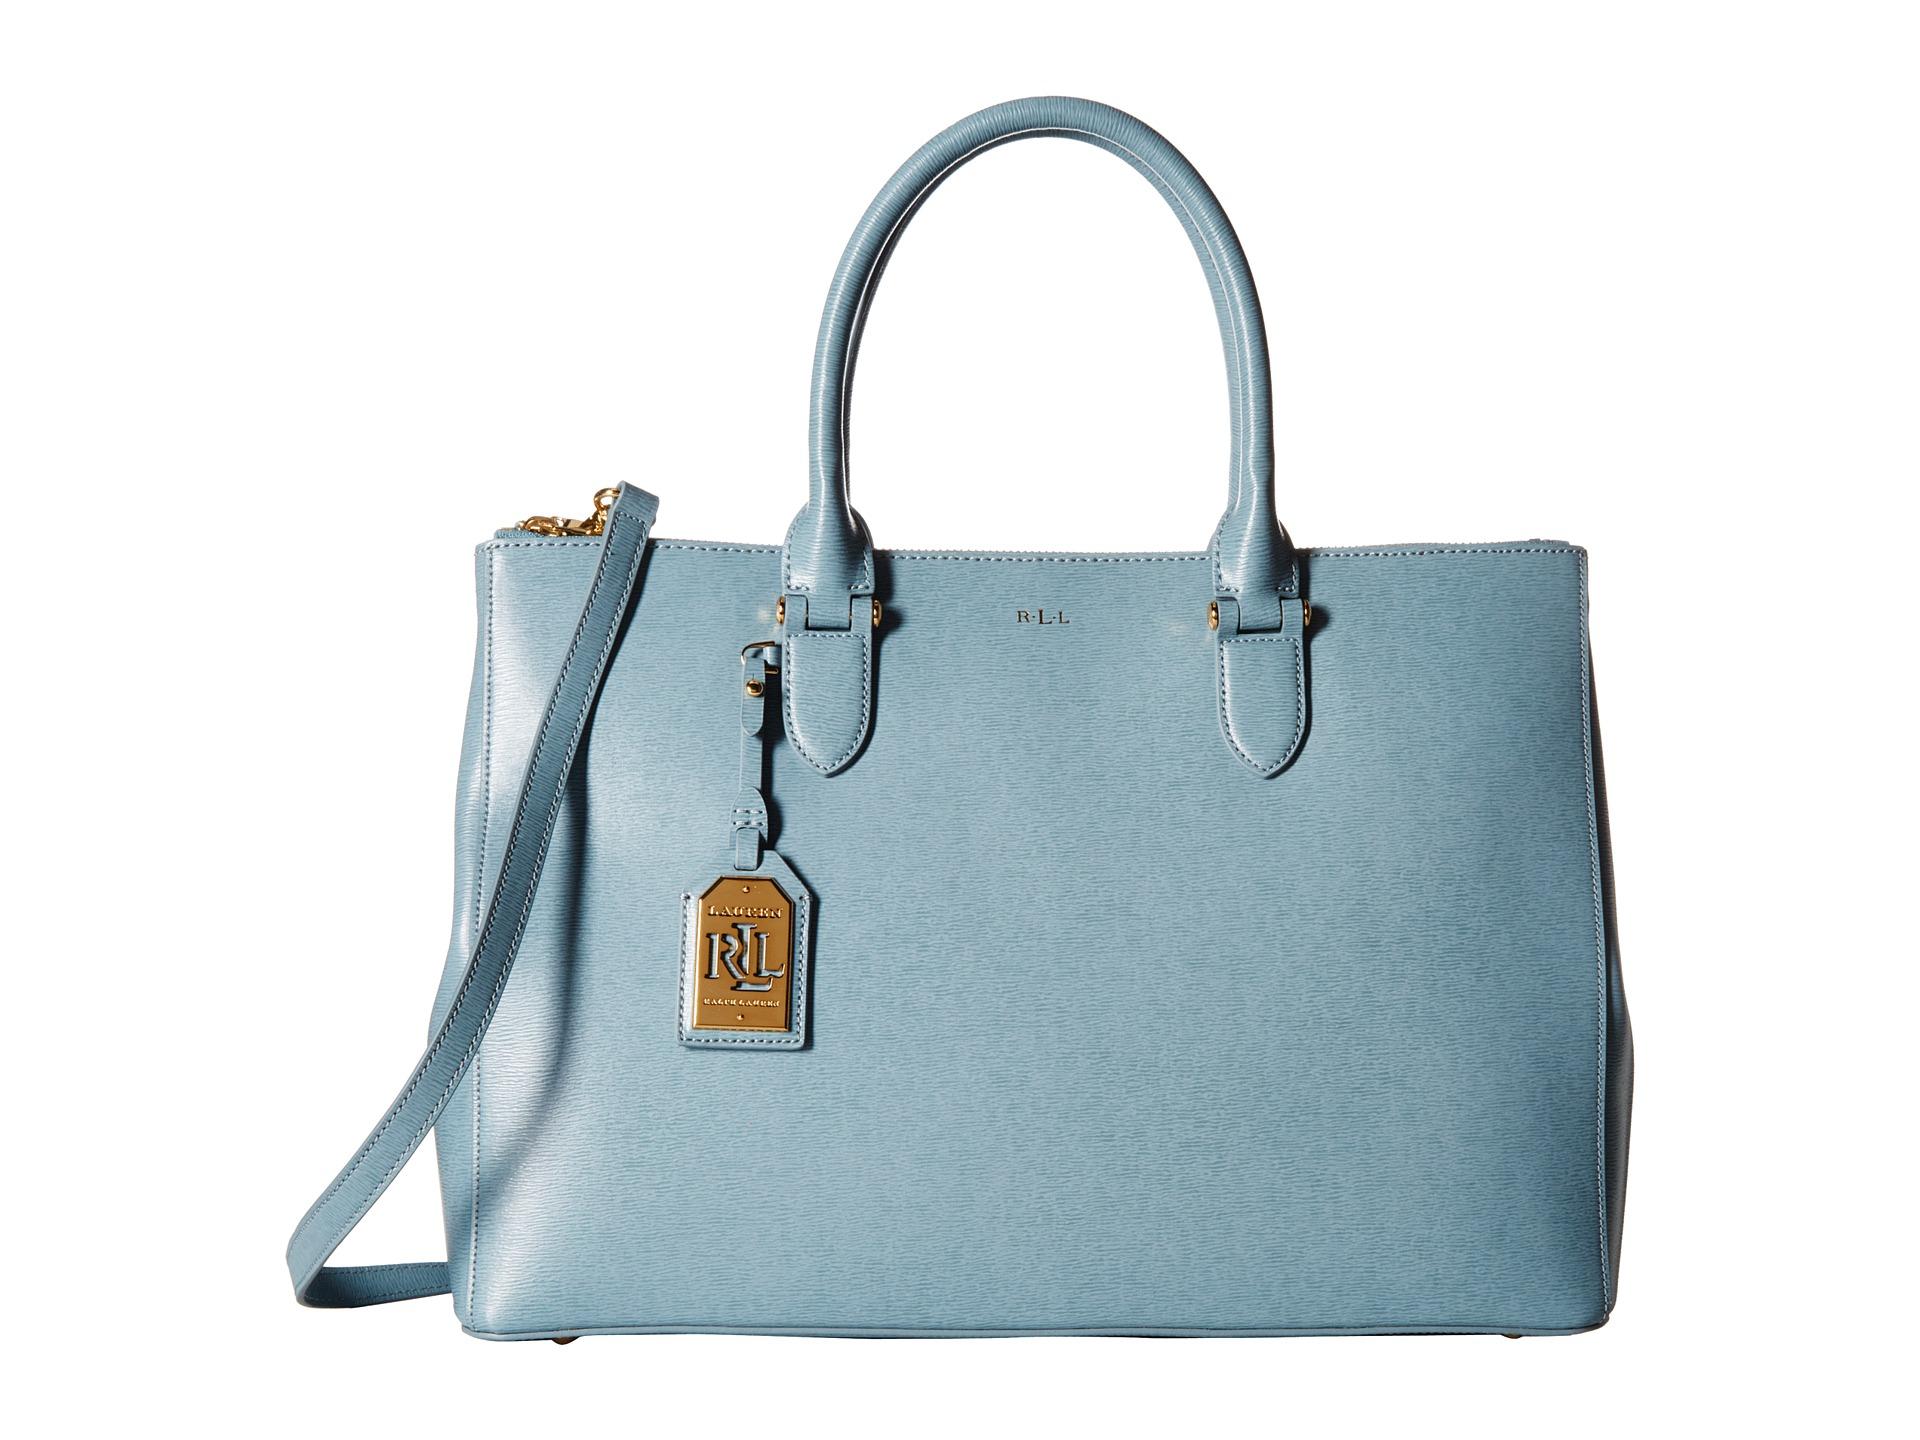 32611f03b0 Lyst - Lauren by Ralph Lauren Newbury Double Zip Satchel in Blue